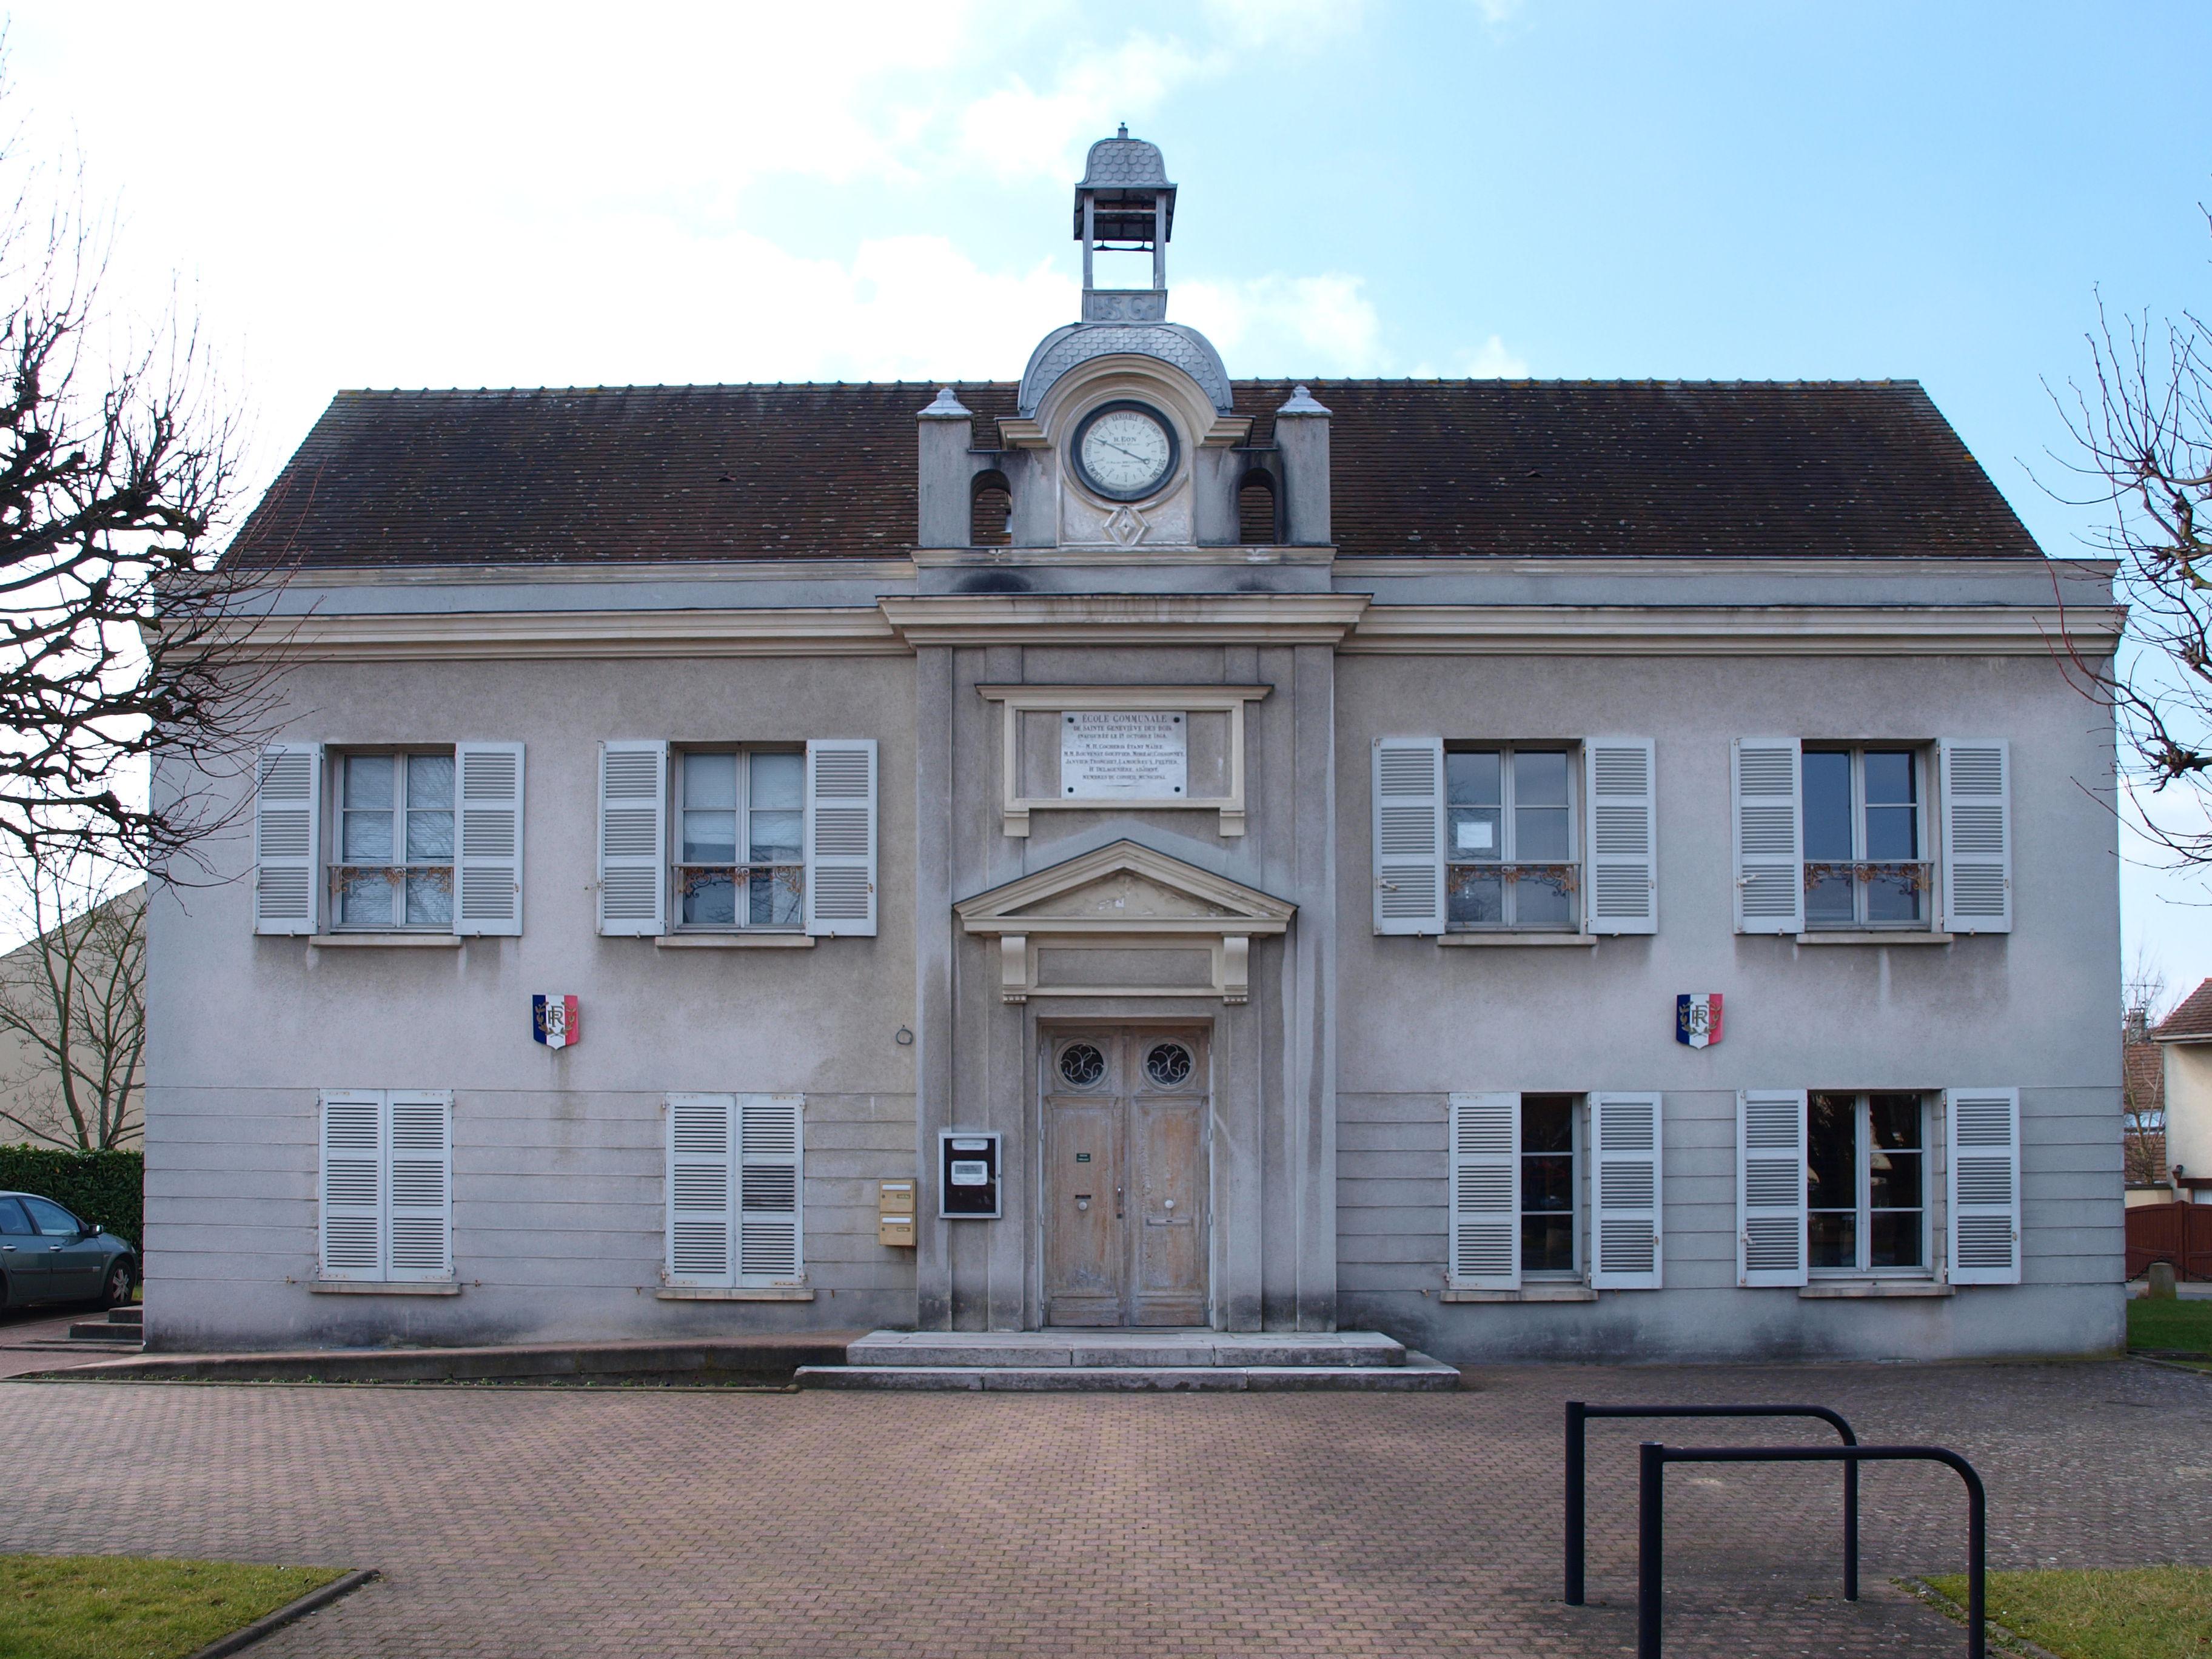 St Geneviève Des Bois - File Sainte Genevi u00e8ve des Bois 91 vieilleécole 01 jpg Wikimedia Com